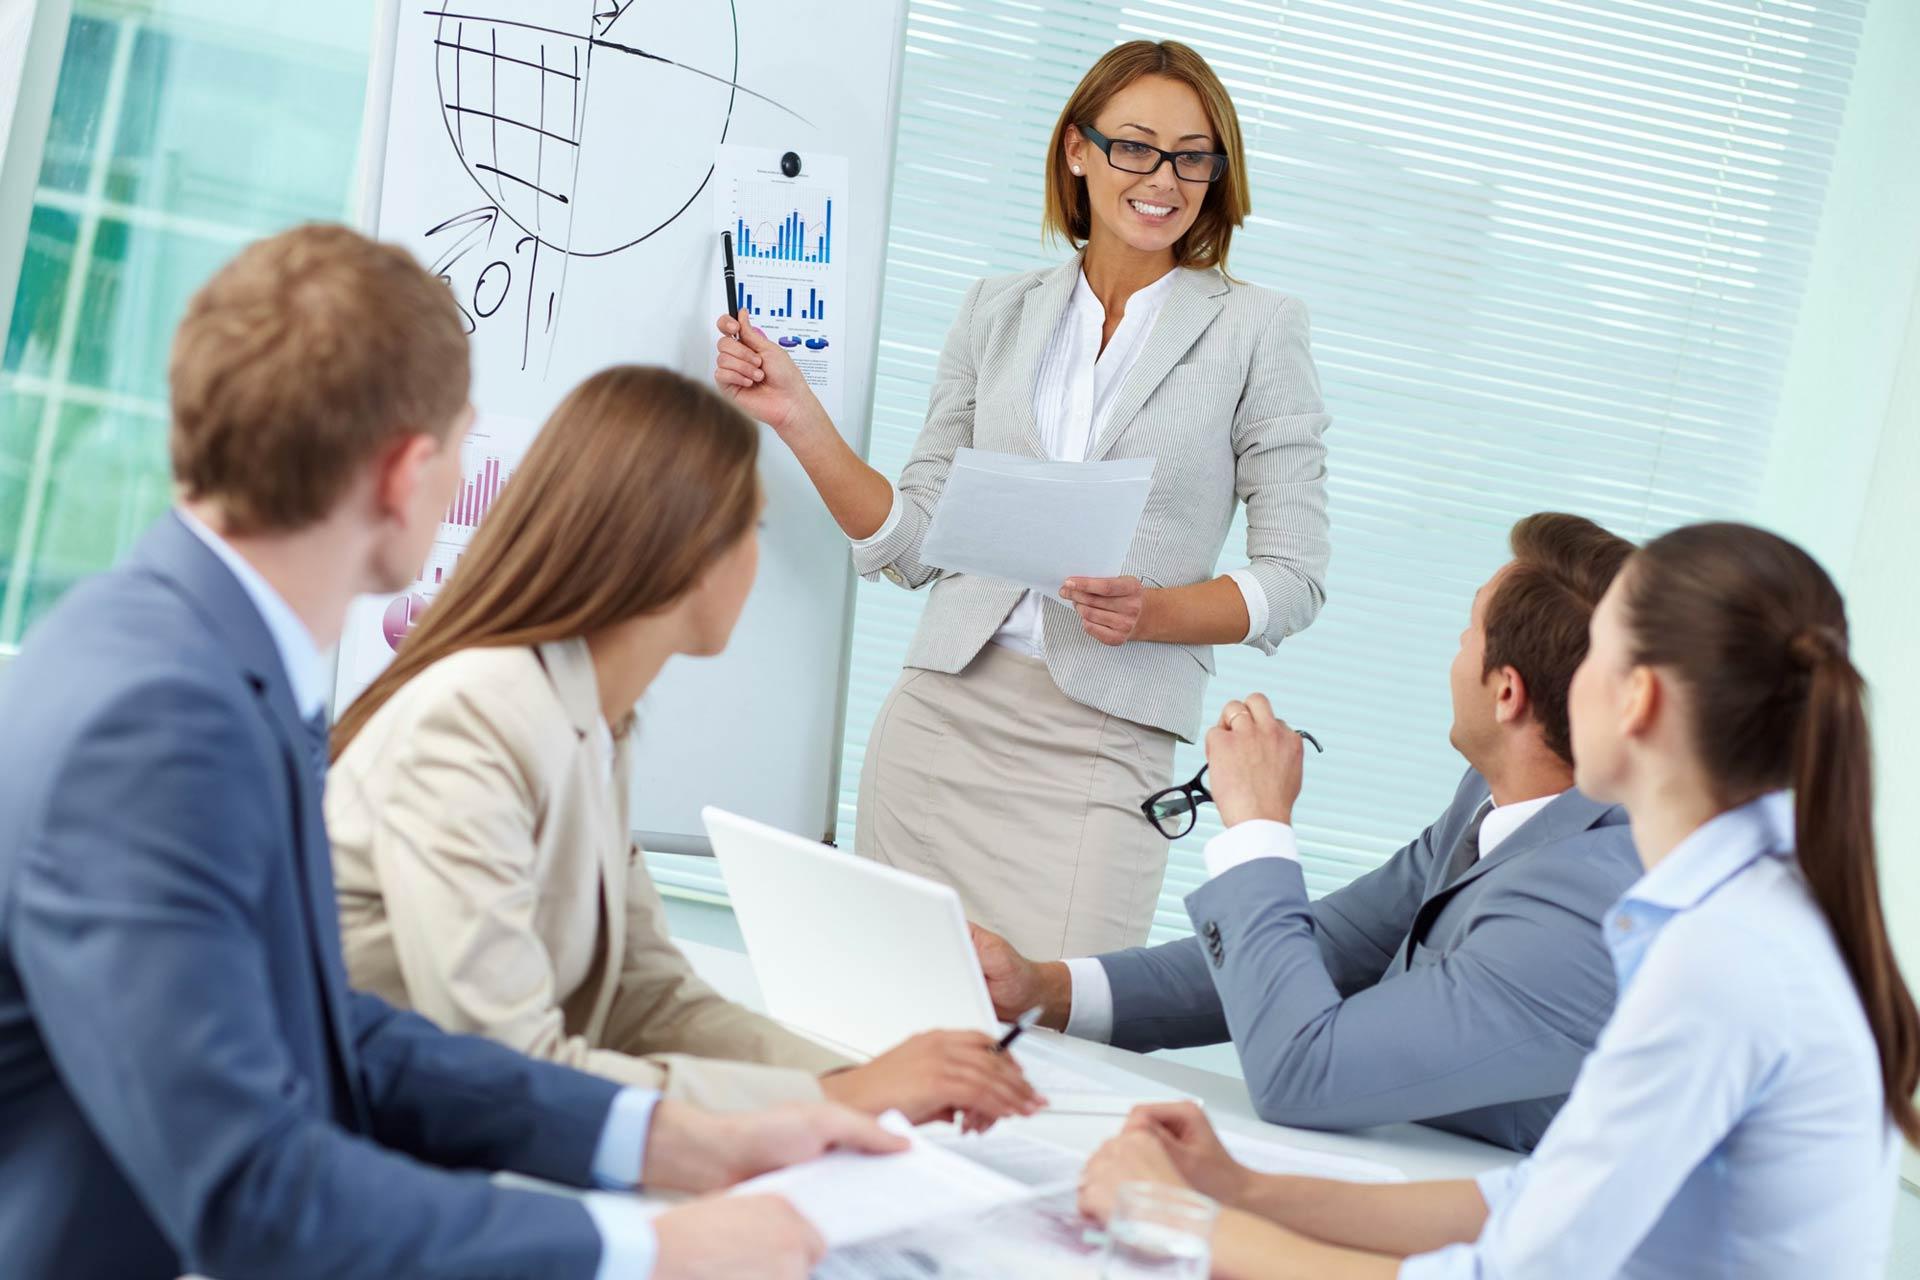 Вебинар: Как экспертам продавать и вести своё индивидуальное обучение на сумму от 360 000 рублей в месяц.